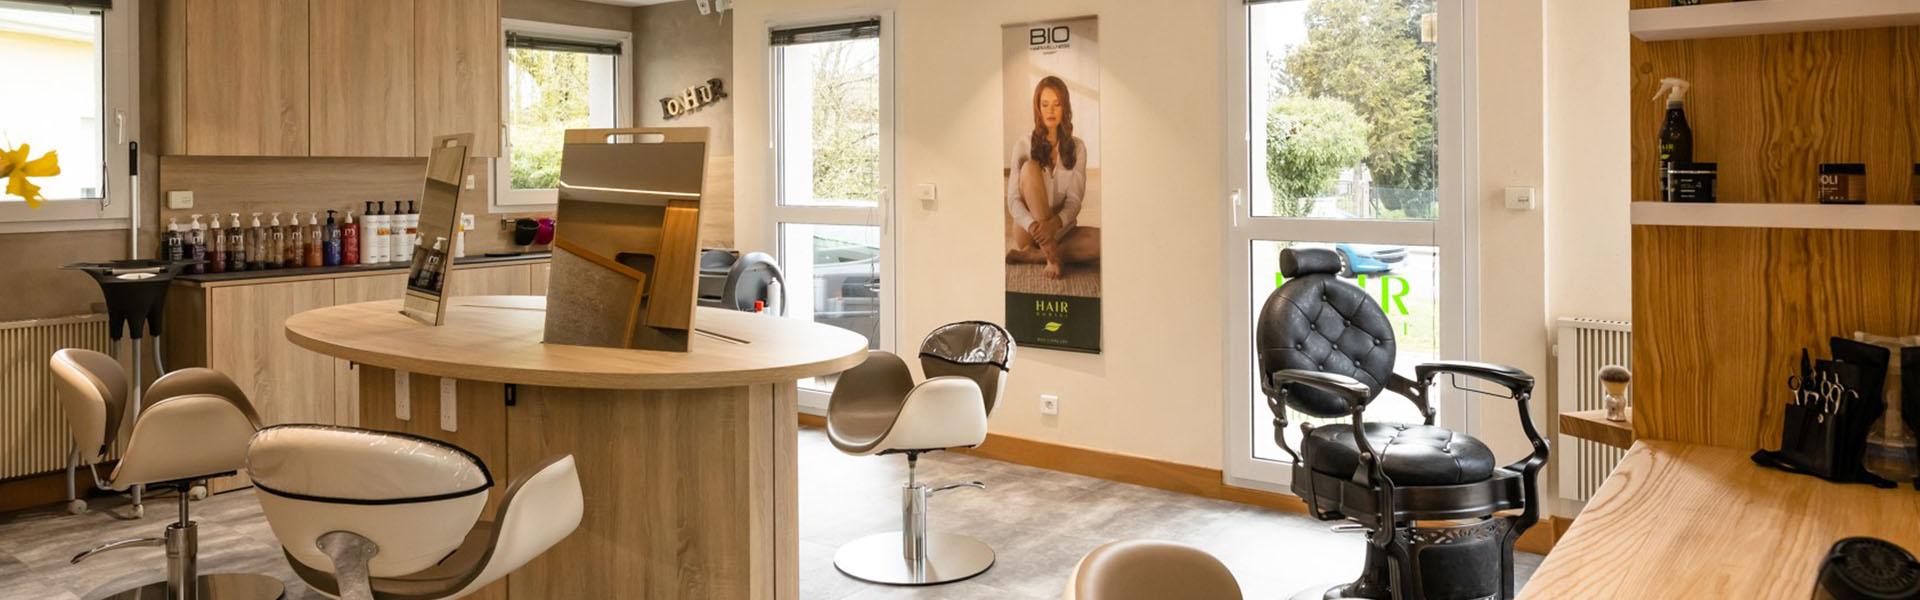 Salon de coiffure à Dannemarie